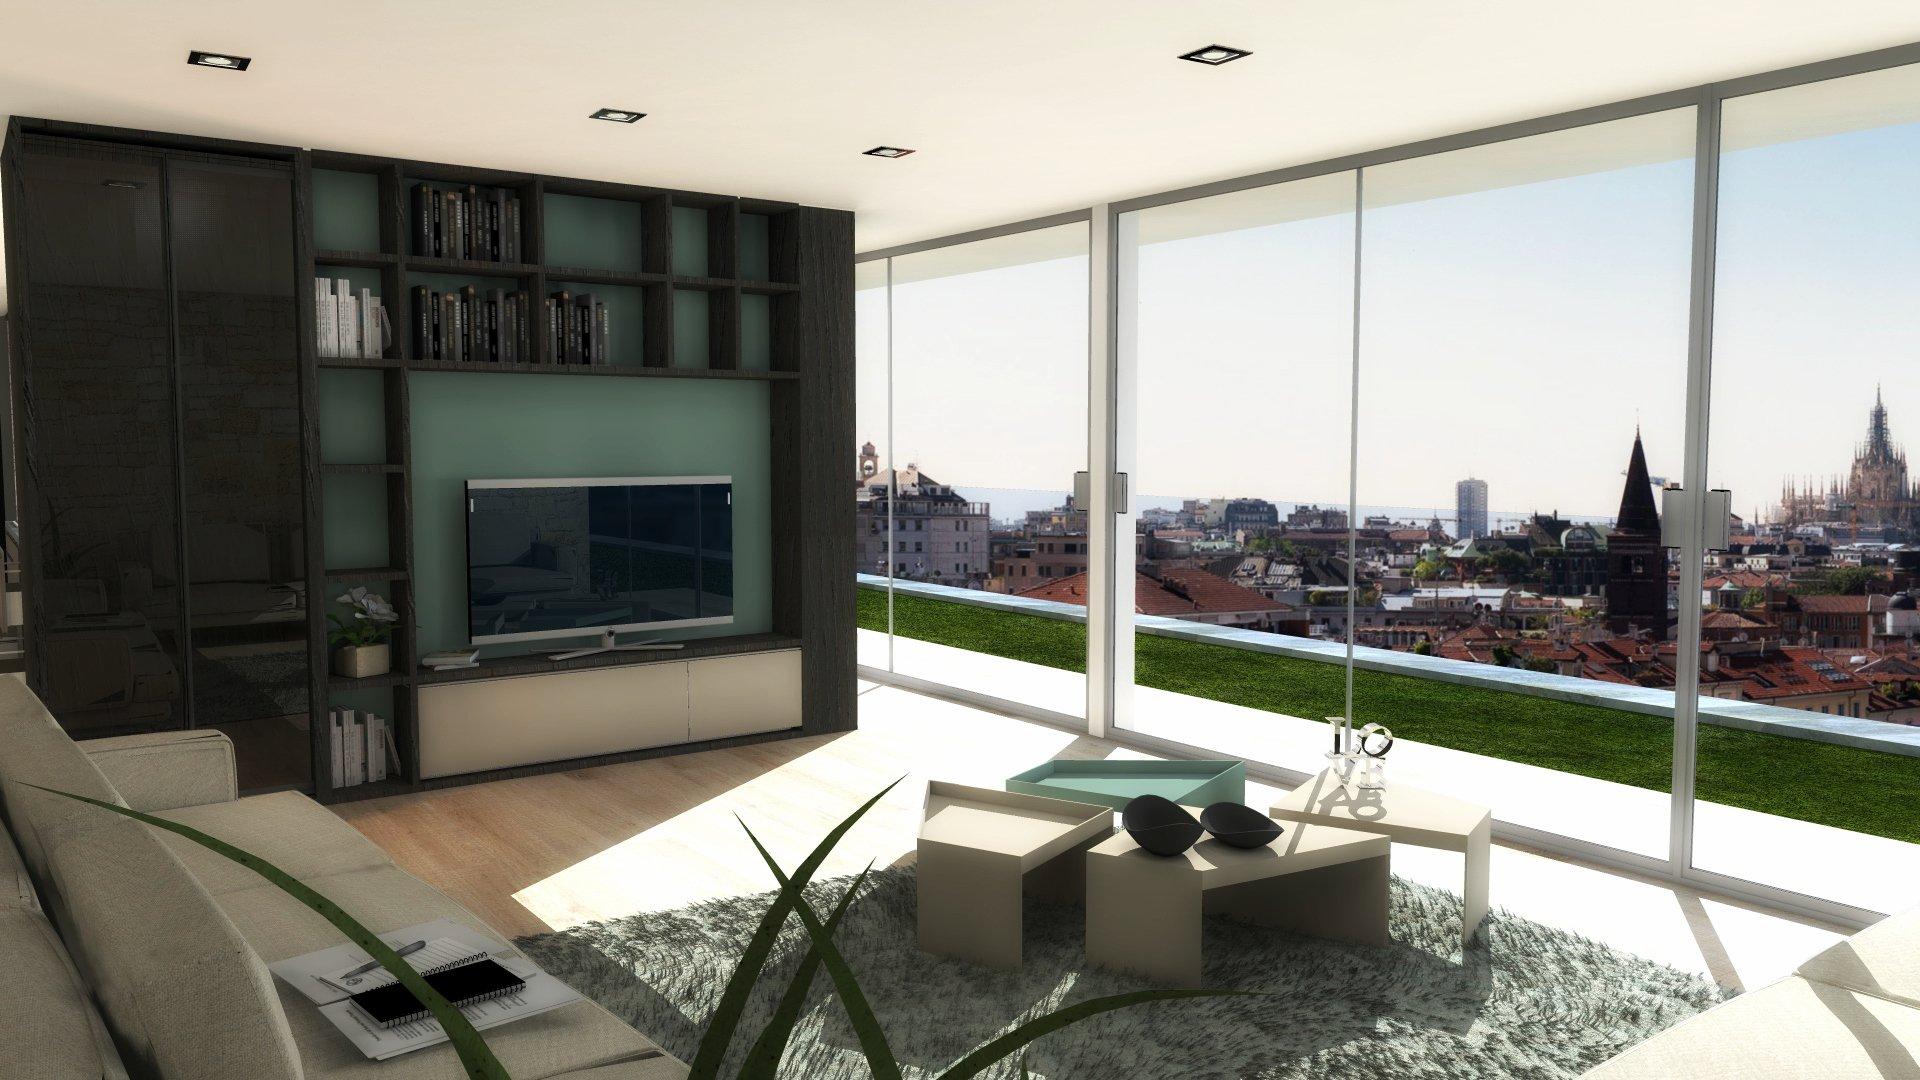 Dividere soggiorno e cucina senza pareti. Un progetto in 3D - Cose ...